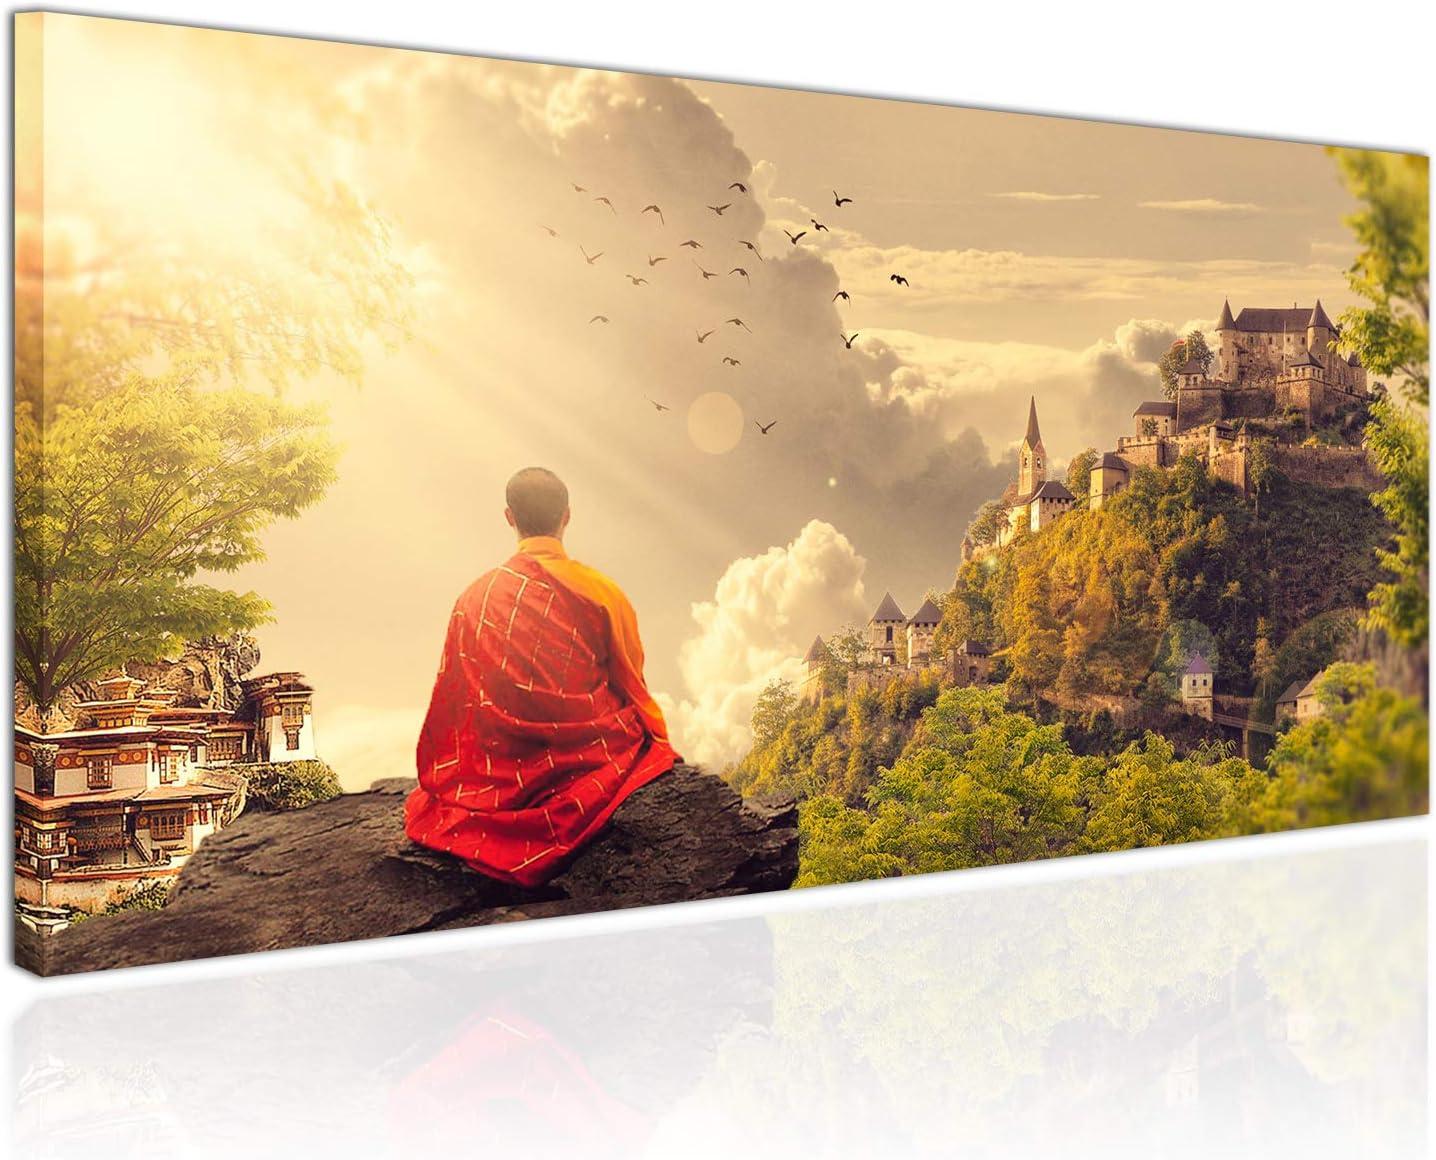 Cuadro XXL sobre Lienzo, Imagen Panorámica 100x50cm, Meditación al Atardecer, Monje Tibetano, Templo Montañas - Decoración de Pared, Imagen Panorámica - Una Pieza